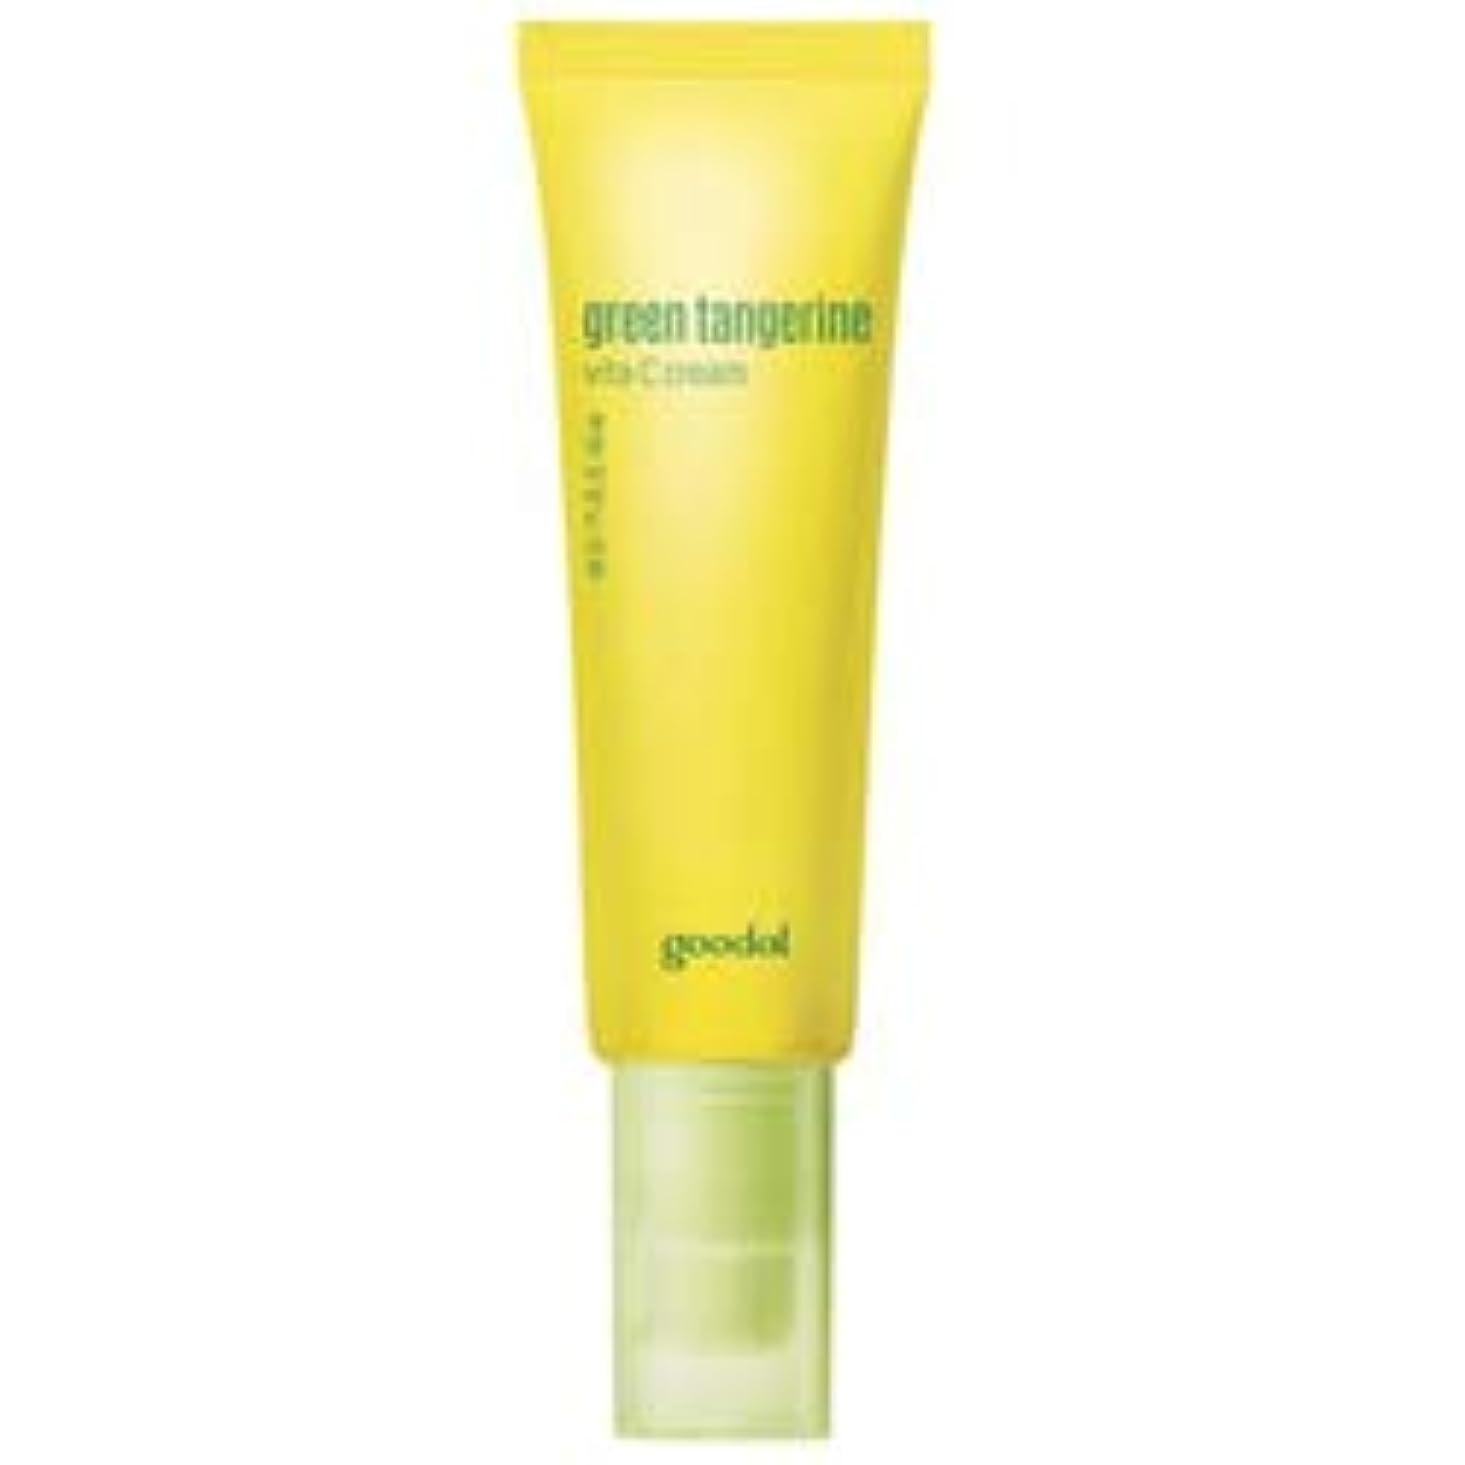 承知しました吹雪バーマド[goodal] Green Tangerine Vita C cream 50ml / [グーダル]タンジェリン ビタC クリーム 50ml [並行輸入品]